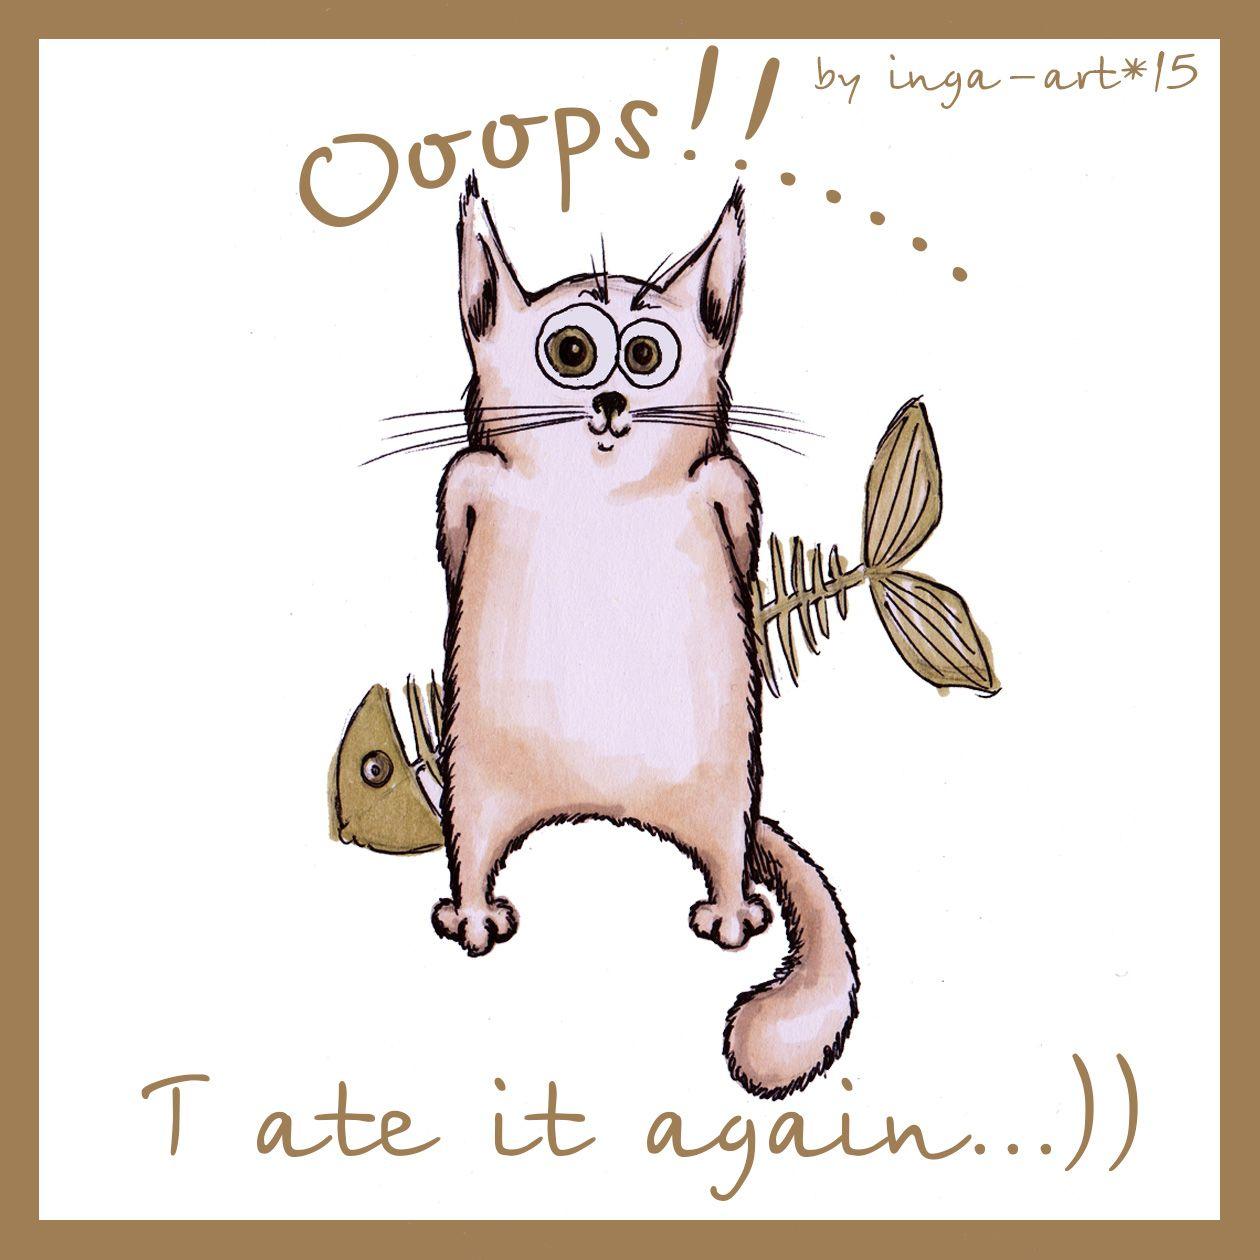 Посвящается праздничной еде и еде после 6и вечера)))а также котикам something about cats and food     #catBaton #cat #fish #food #art #illustration #paint #markers #pen #inspiration #eat  #sketch #myart